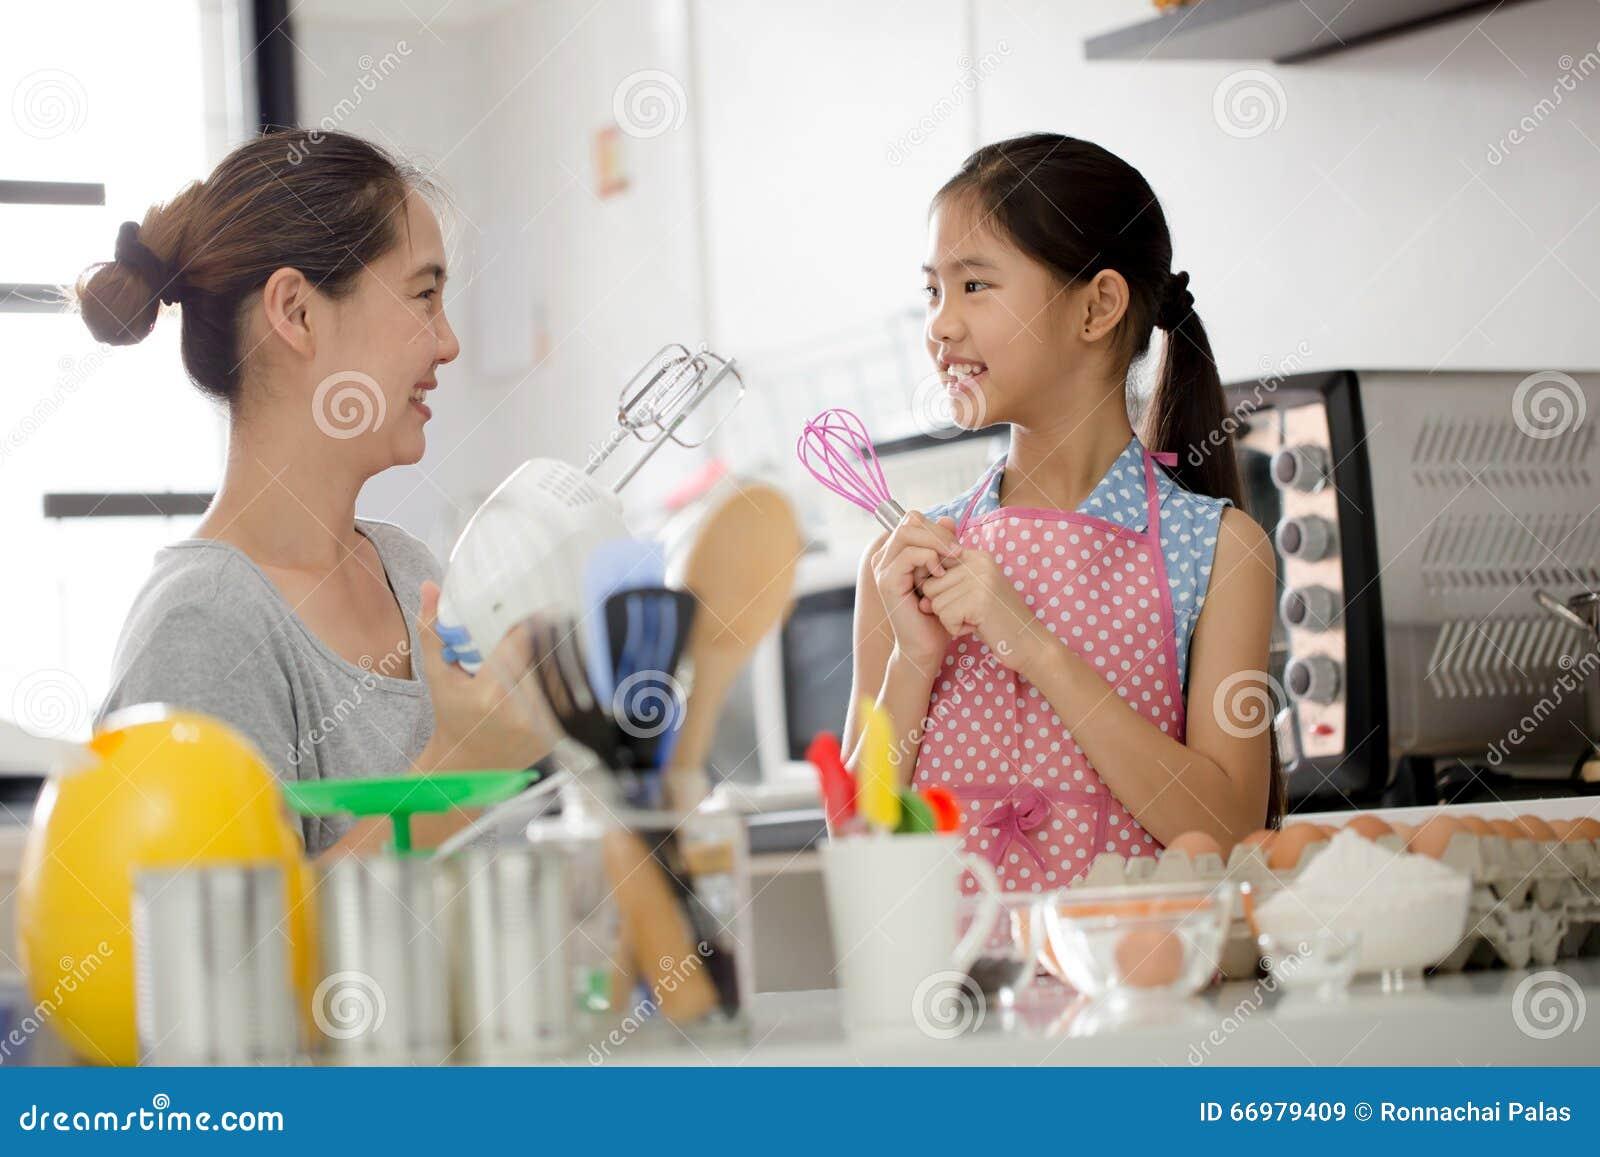 Ευτυχής οικογενειακή στιγμή στην κουζίνα